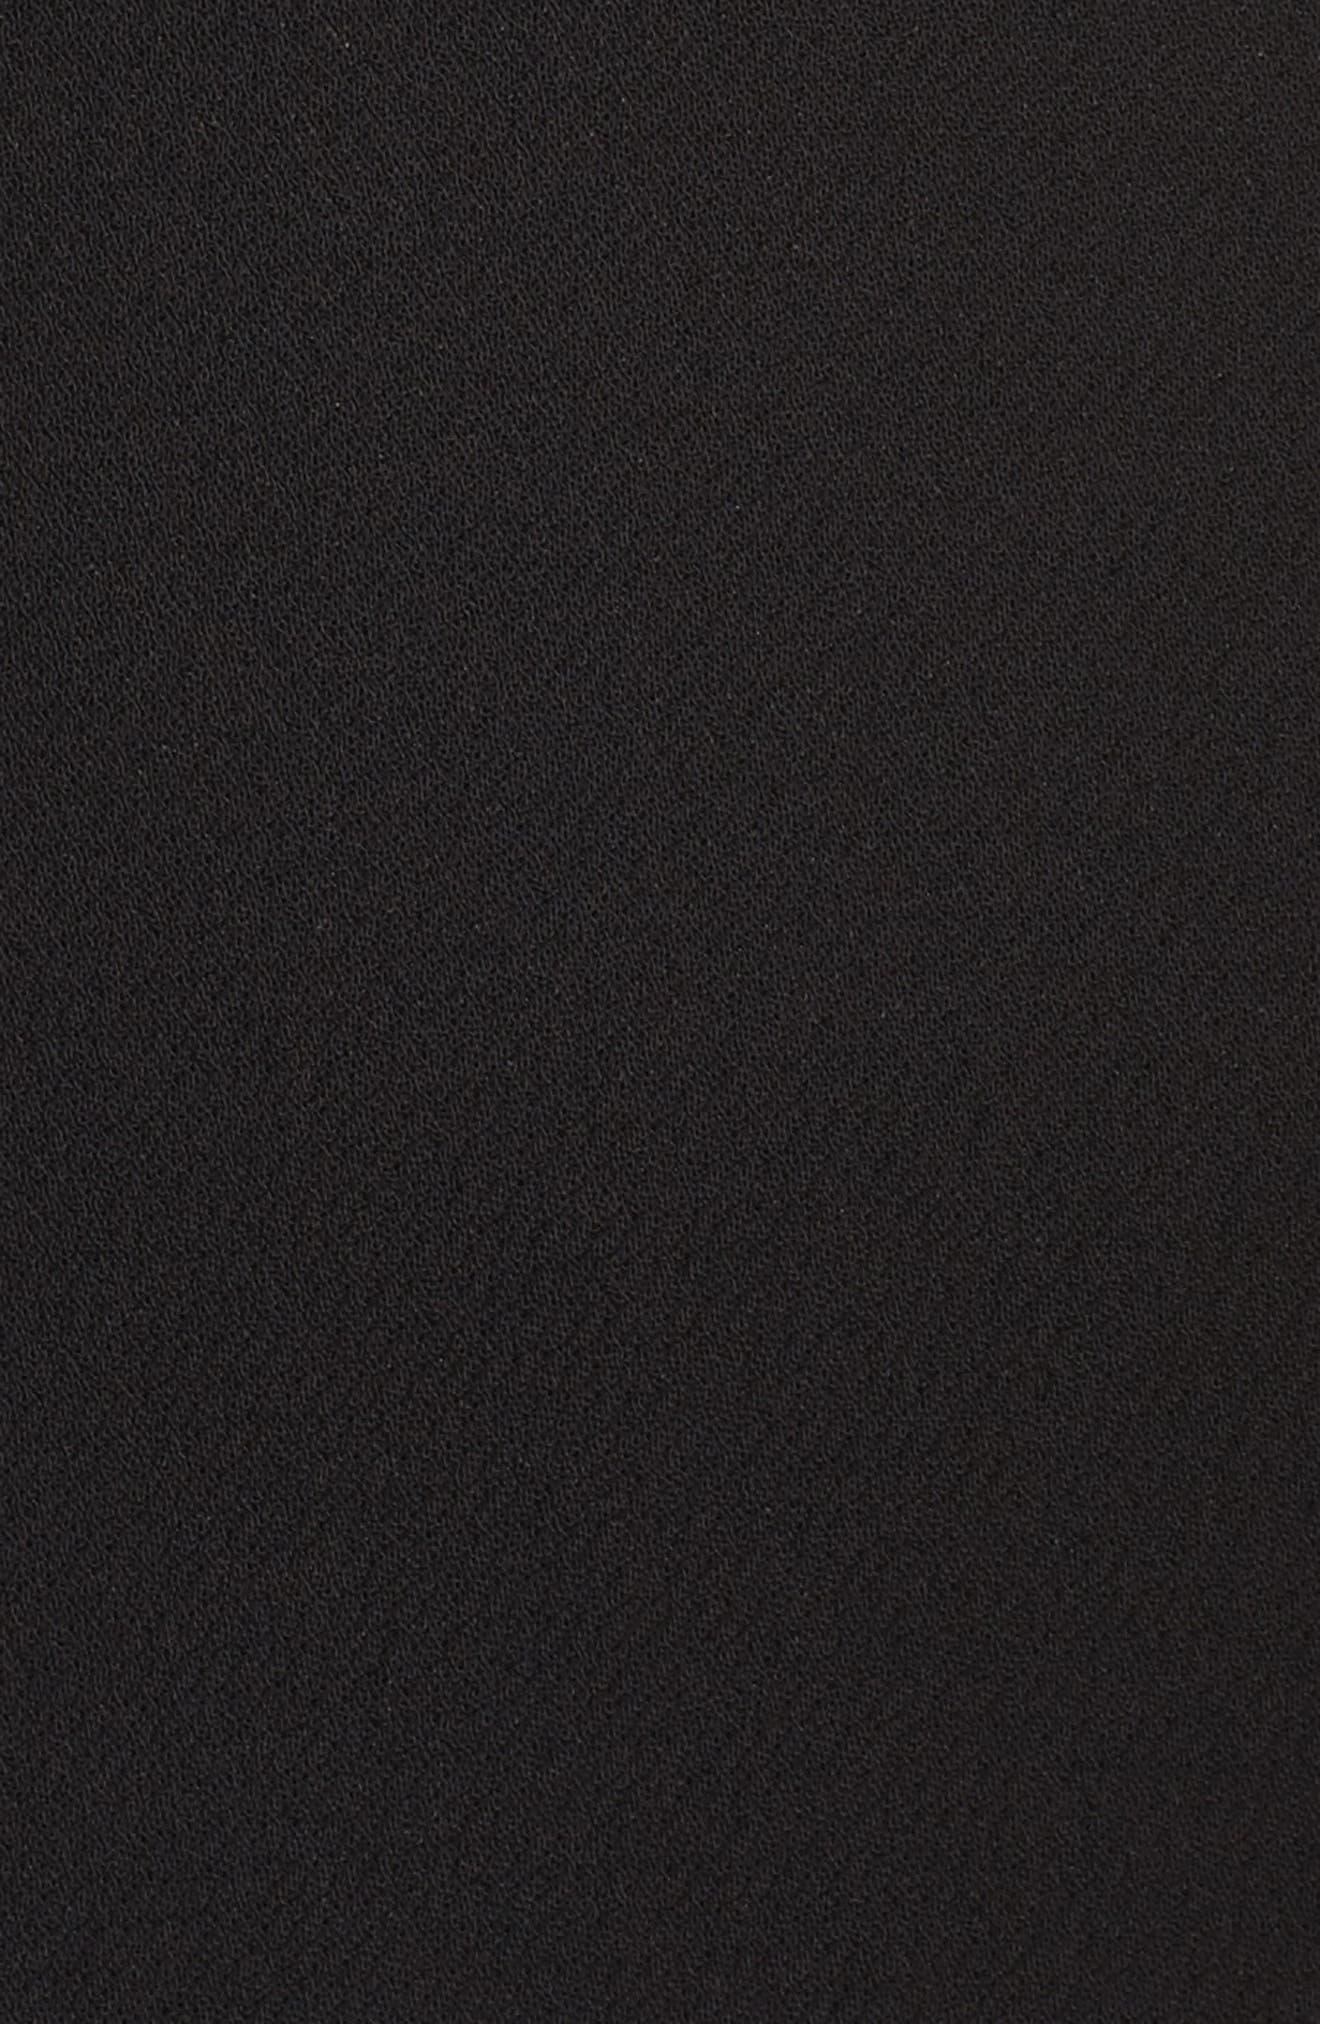 Off the Shoulder Front Slit Crepe Dress,                             Alternate thumbnail 5, color,                             001